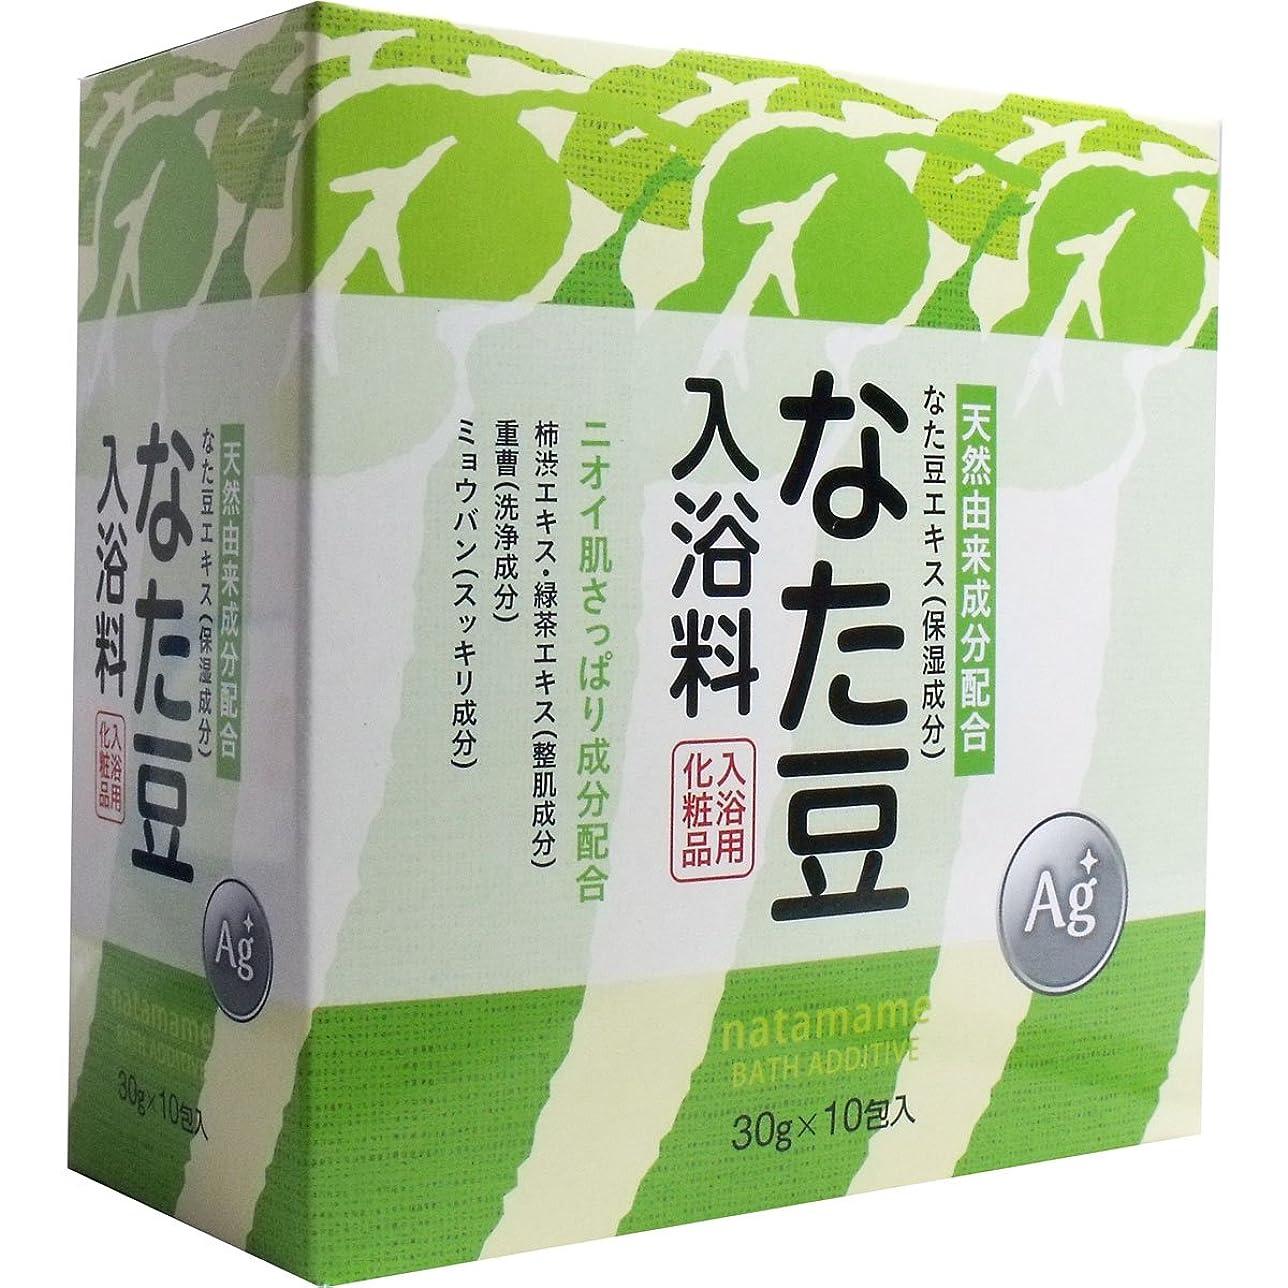 ランク塗抹ようこそなた豆入浴料 入浴用化粧品 30g×10包入×5